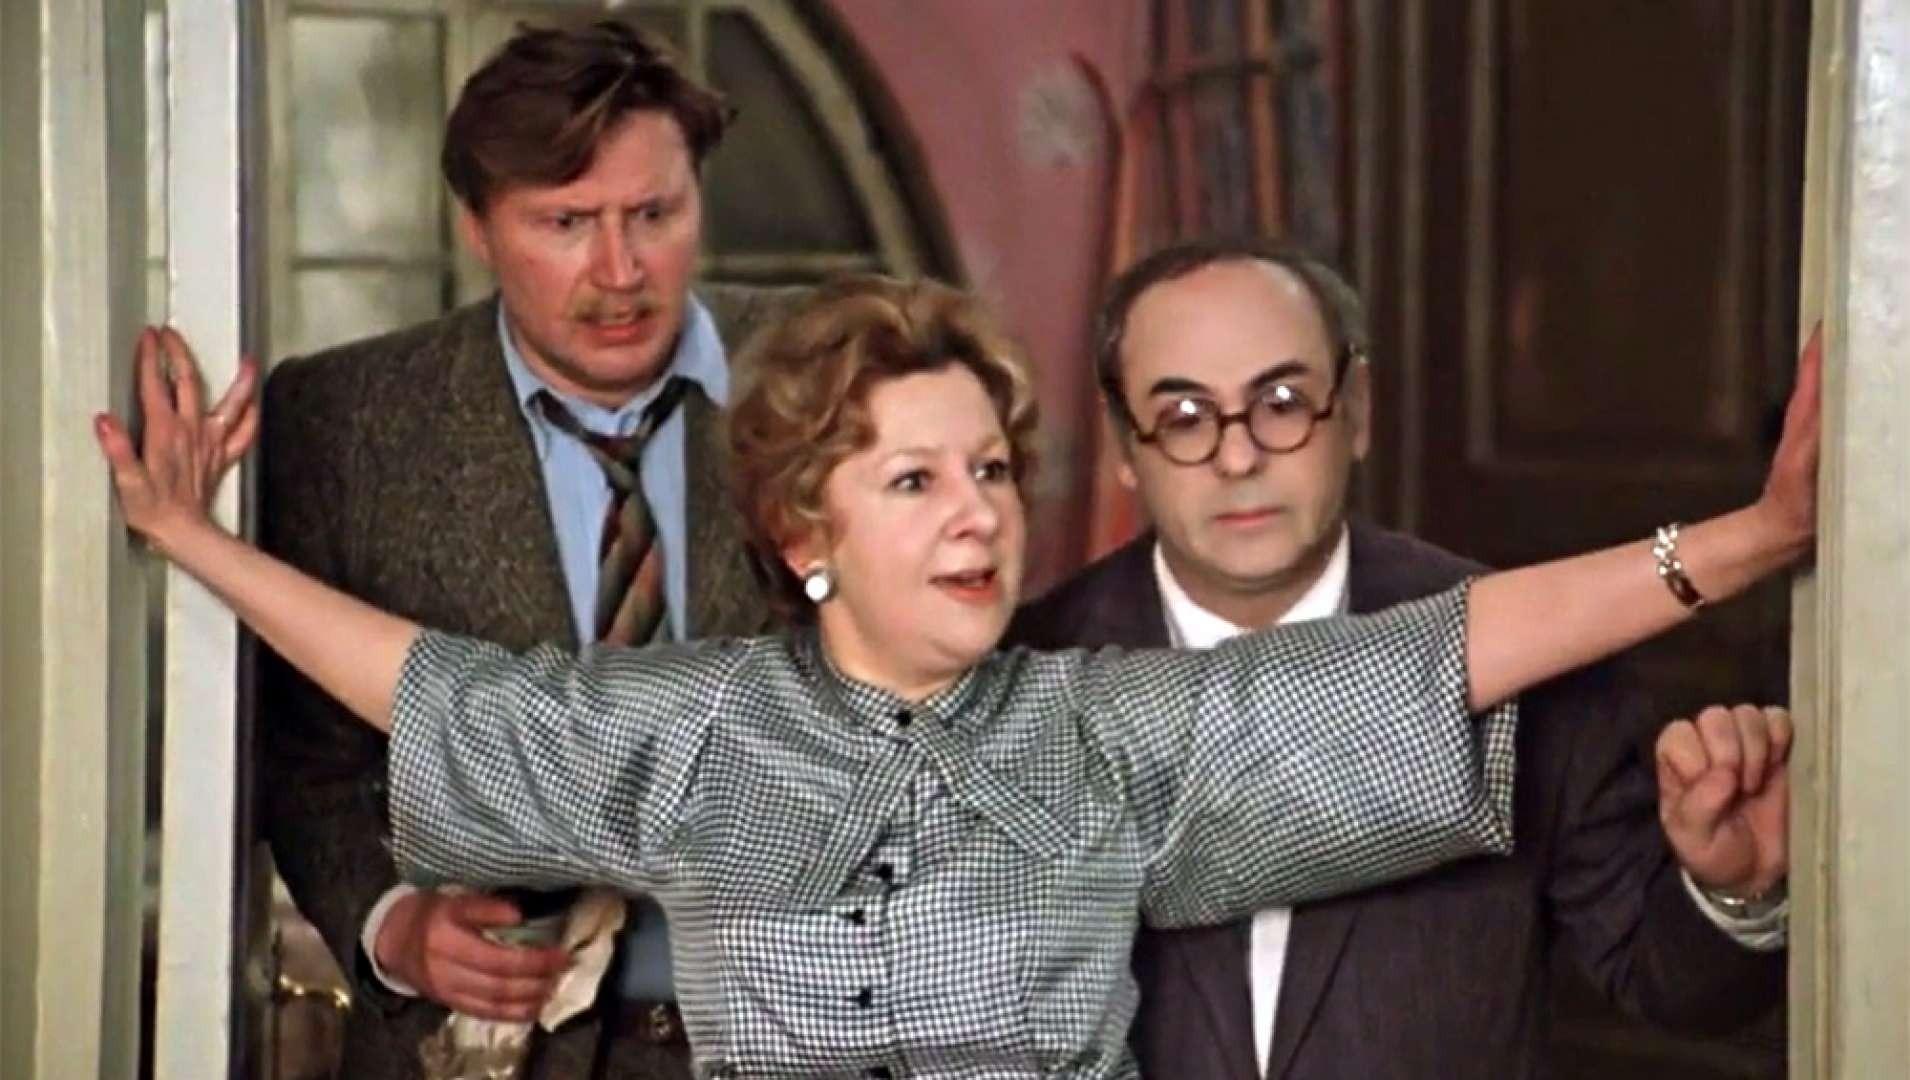 Властную Маргариту Хоботову могла сыграть Людмила Гурченко, но удача улыбнулась Ульяновой. Эта работа стала самой яркой в ее фильмографии, сделала ее узнаваемой и принесла любовь миллионо...